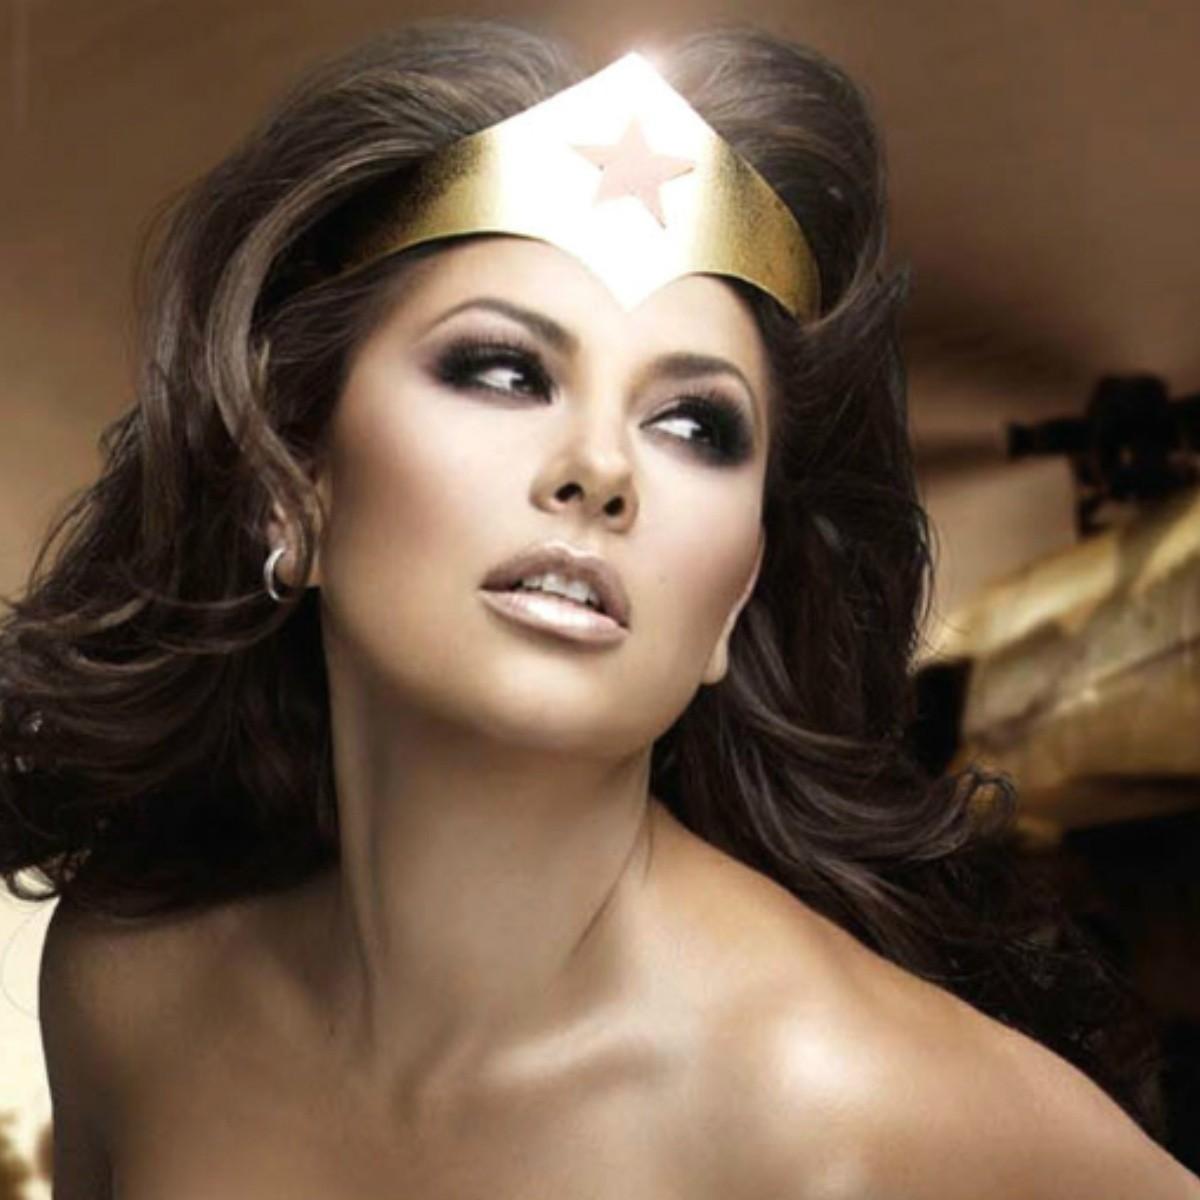 Gaby Ramírez Muestra Su Belleza En Playboy El Informador